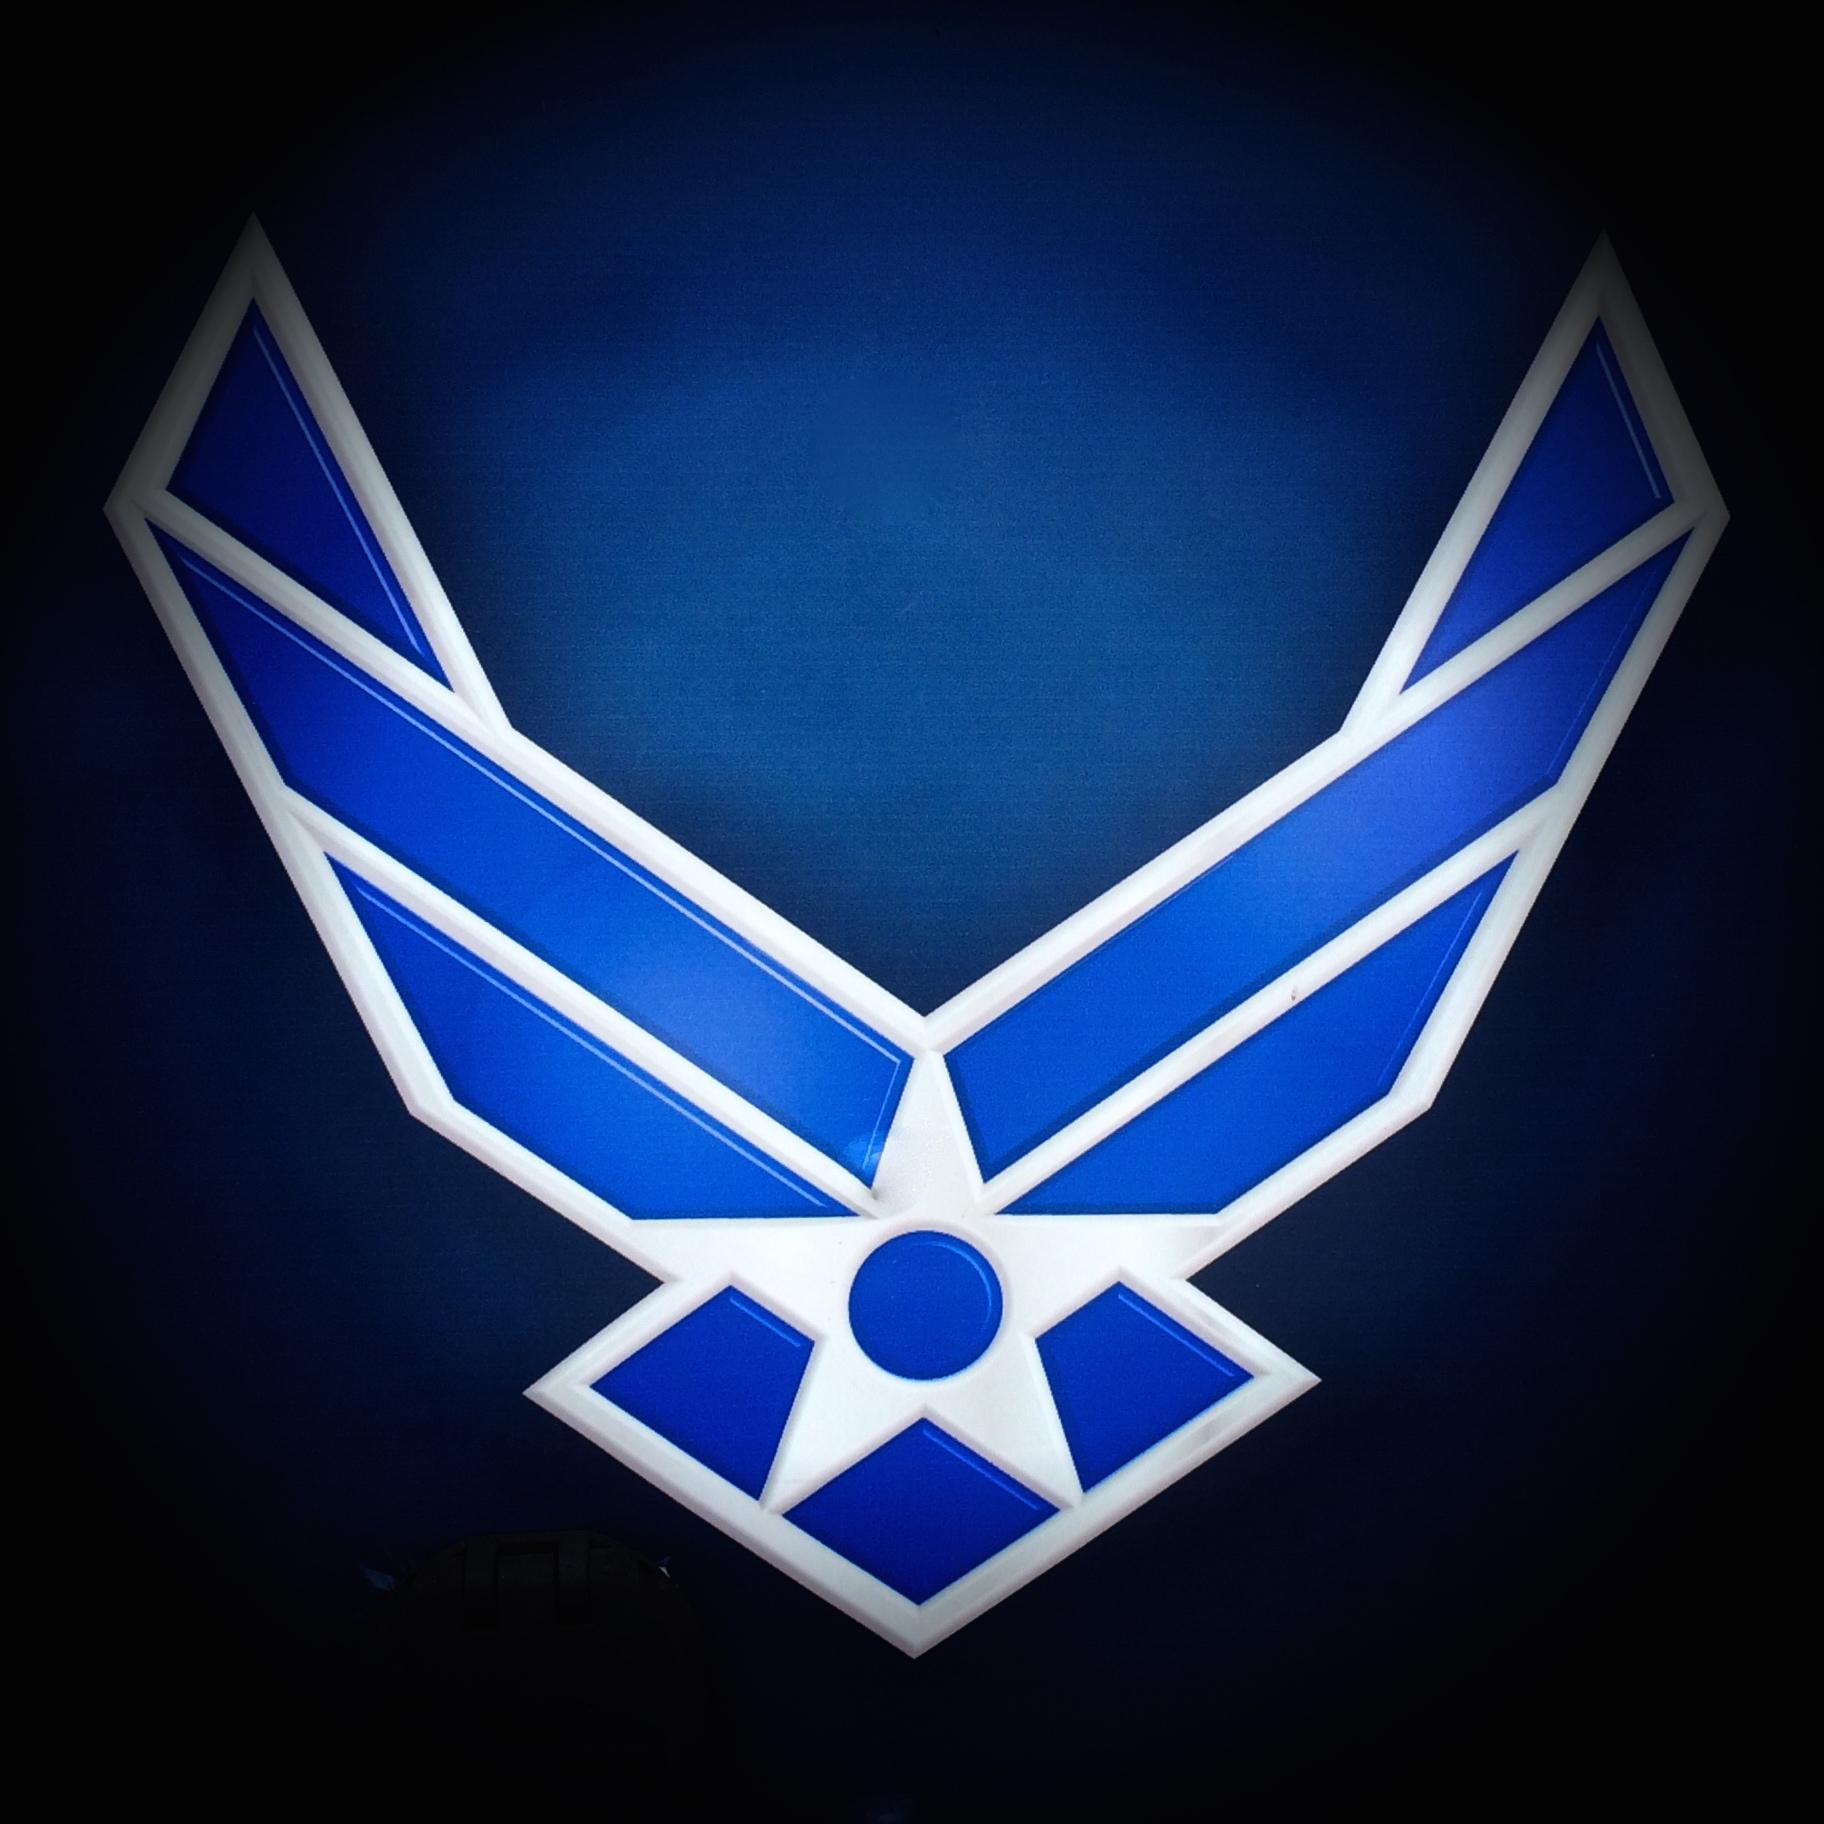 Air Force Symbol Pausesclicks